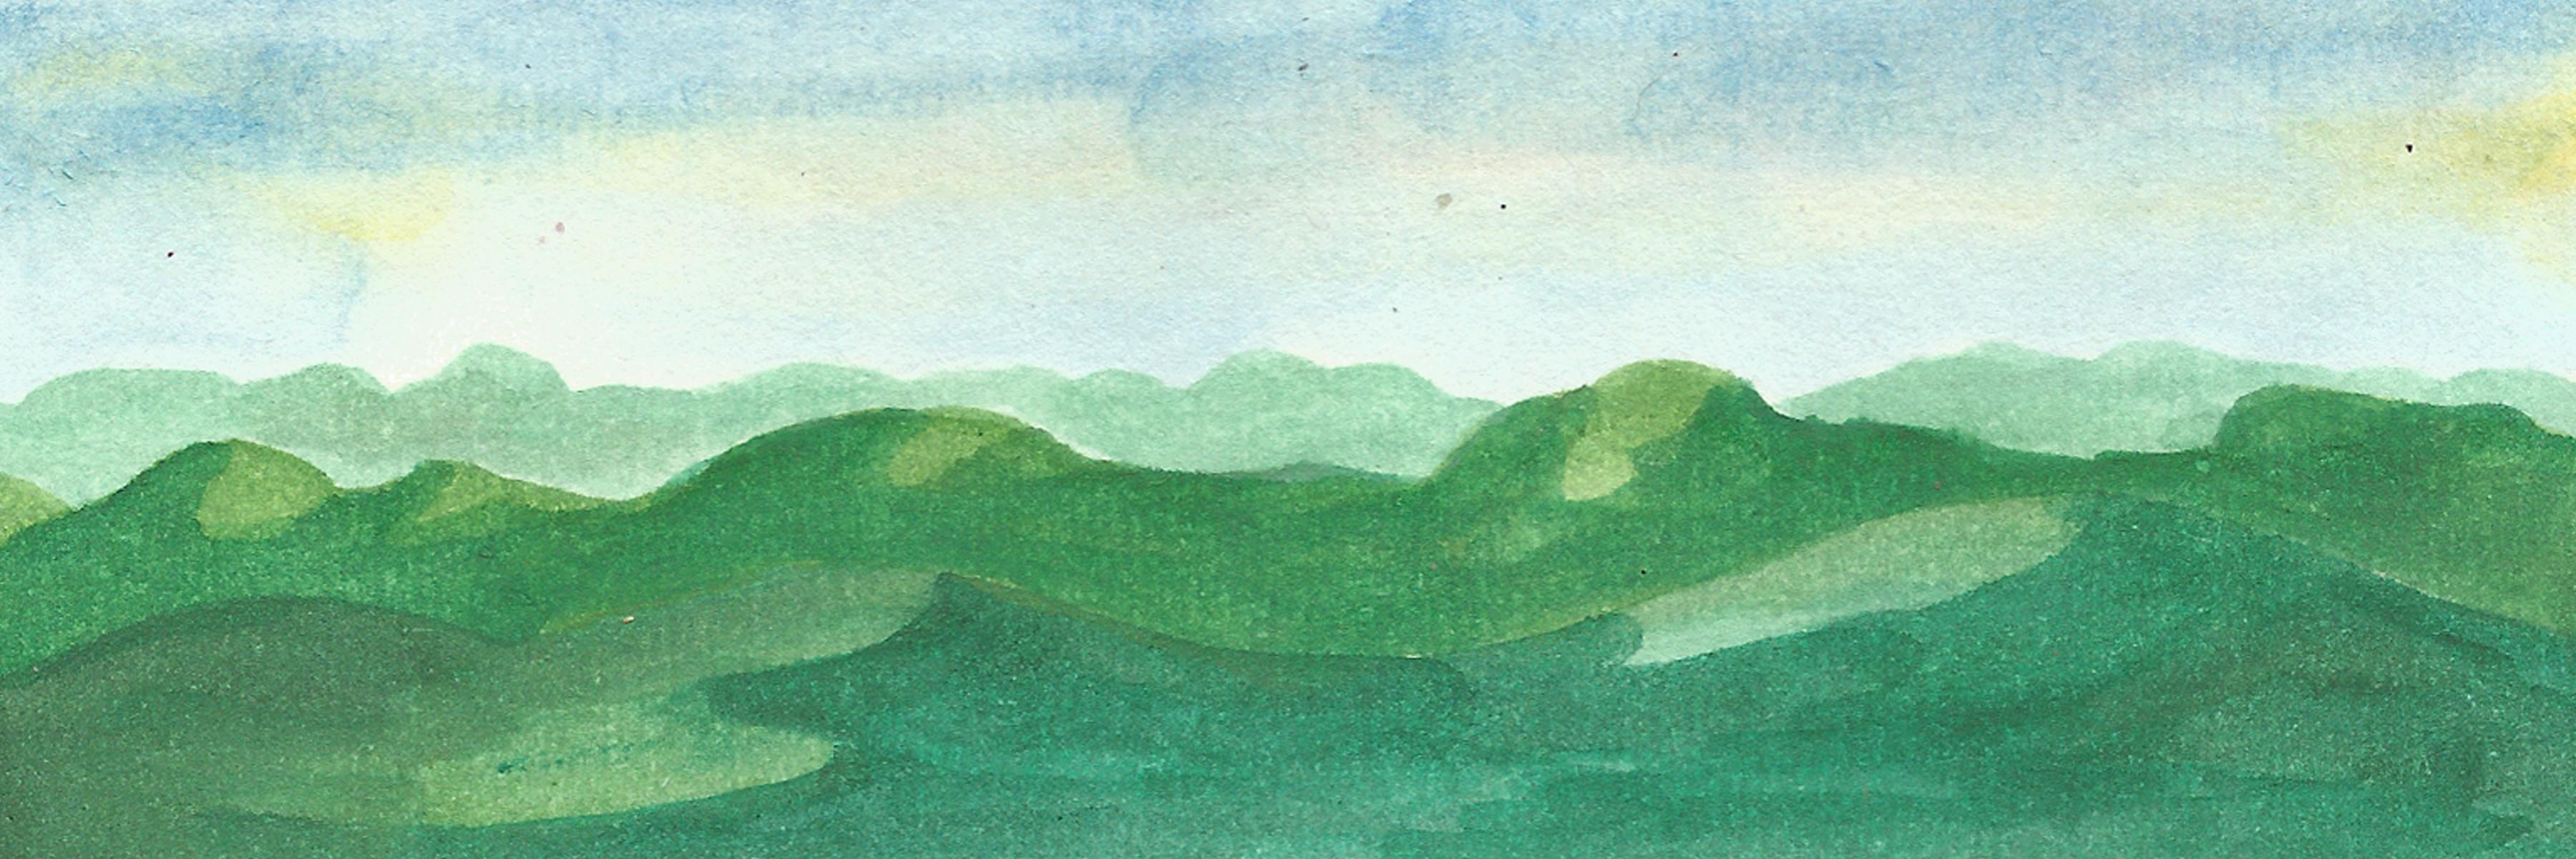 12 - 13 panoramas